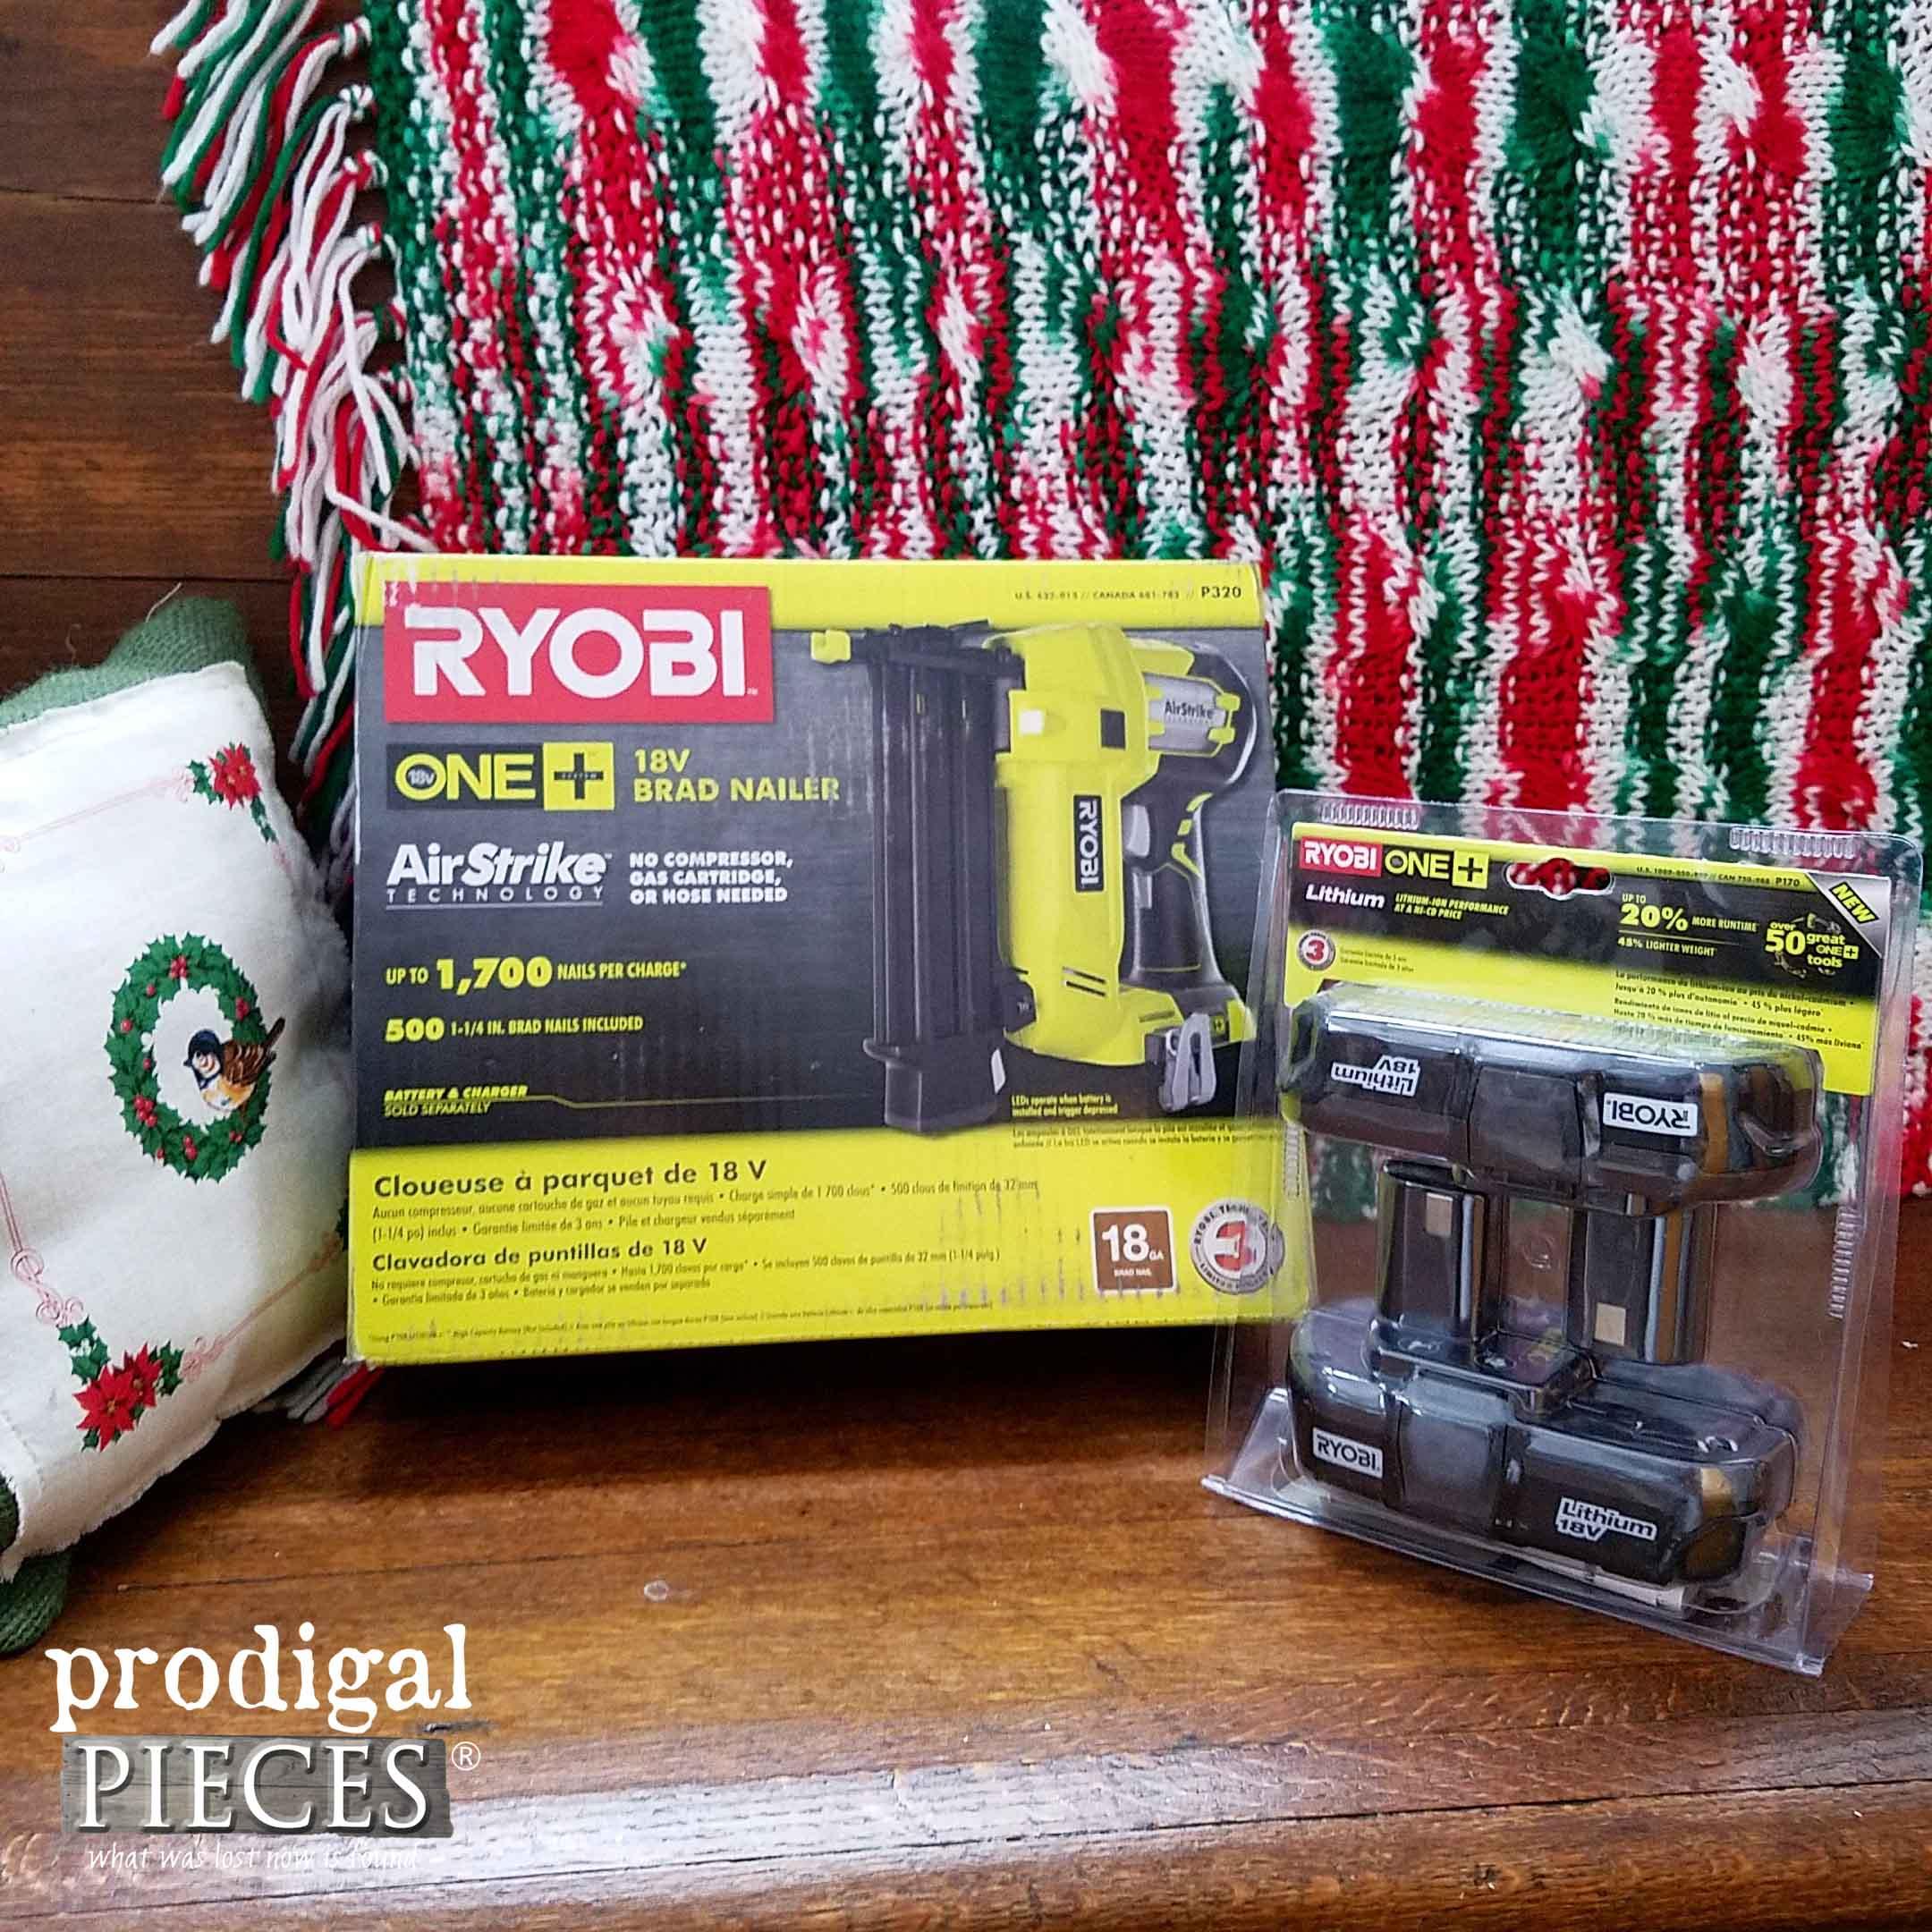 Ryobi AirStrike Nailer | Prodigal Pieces | prodigalpieces.com